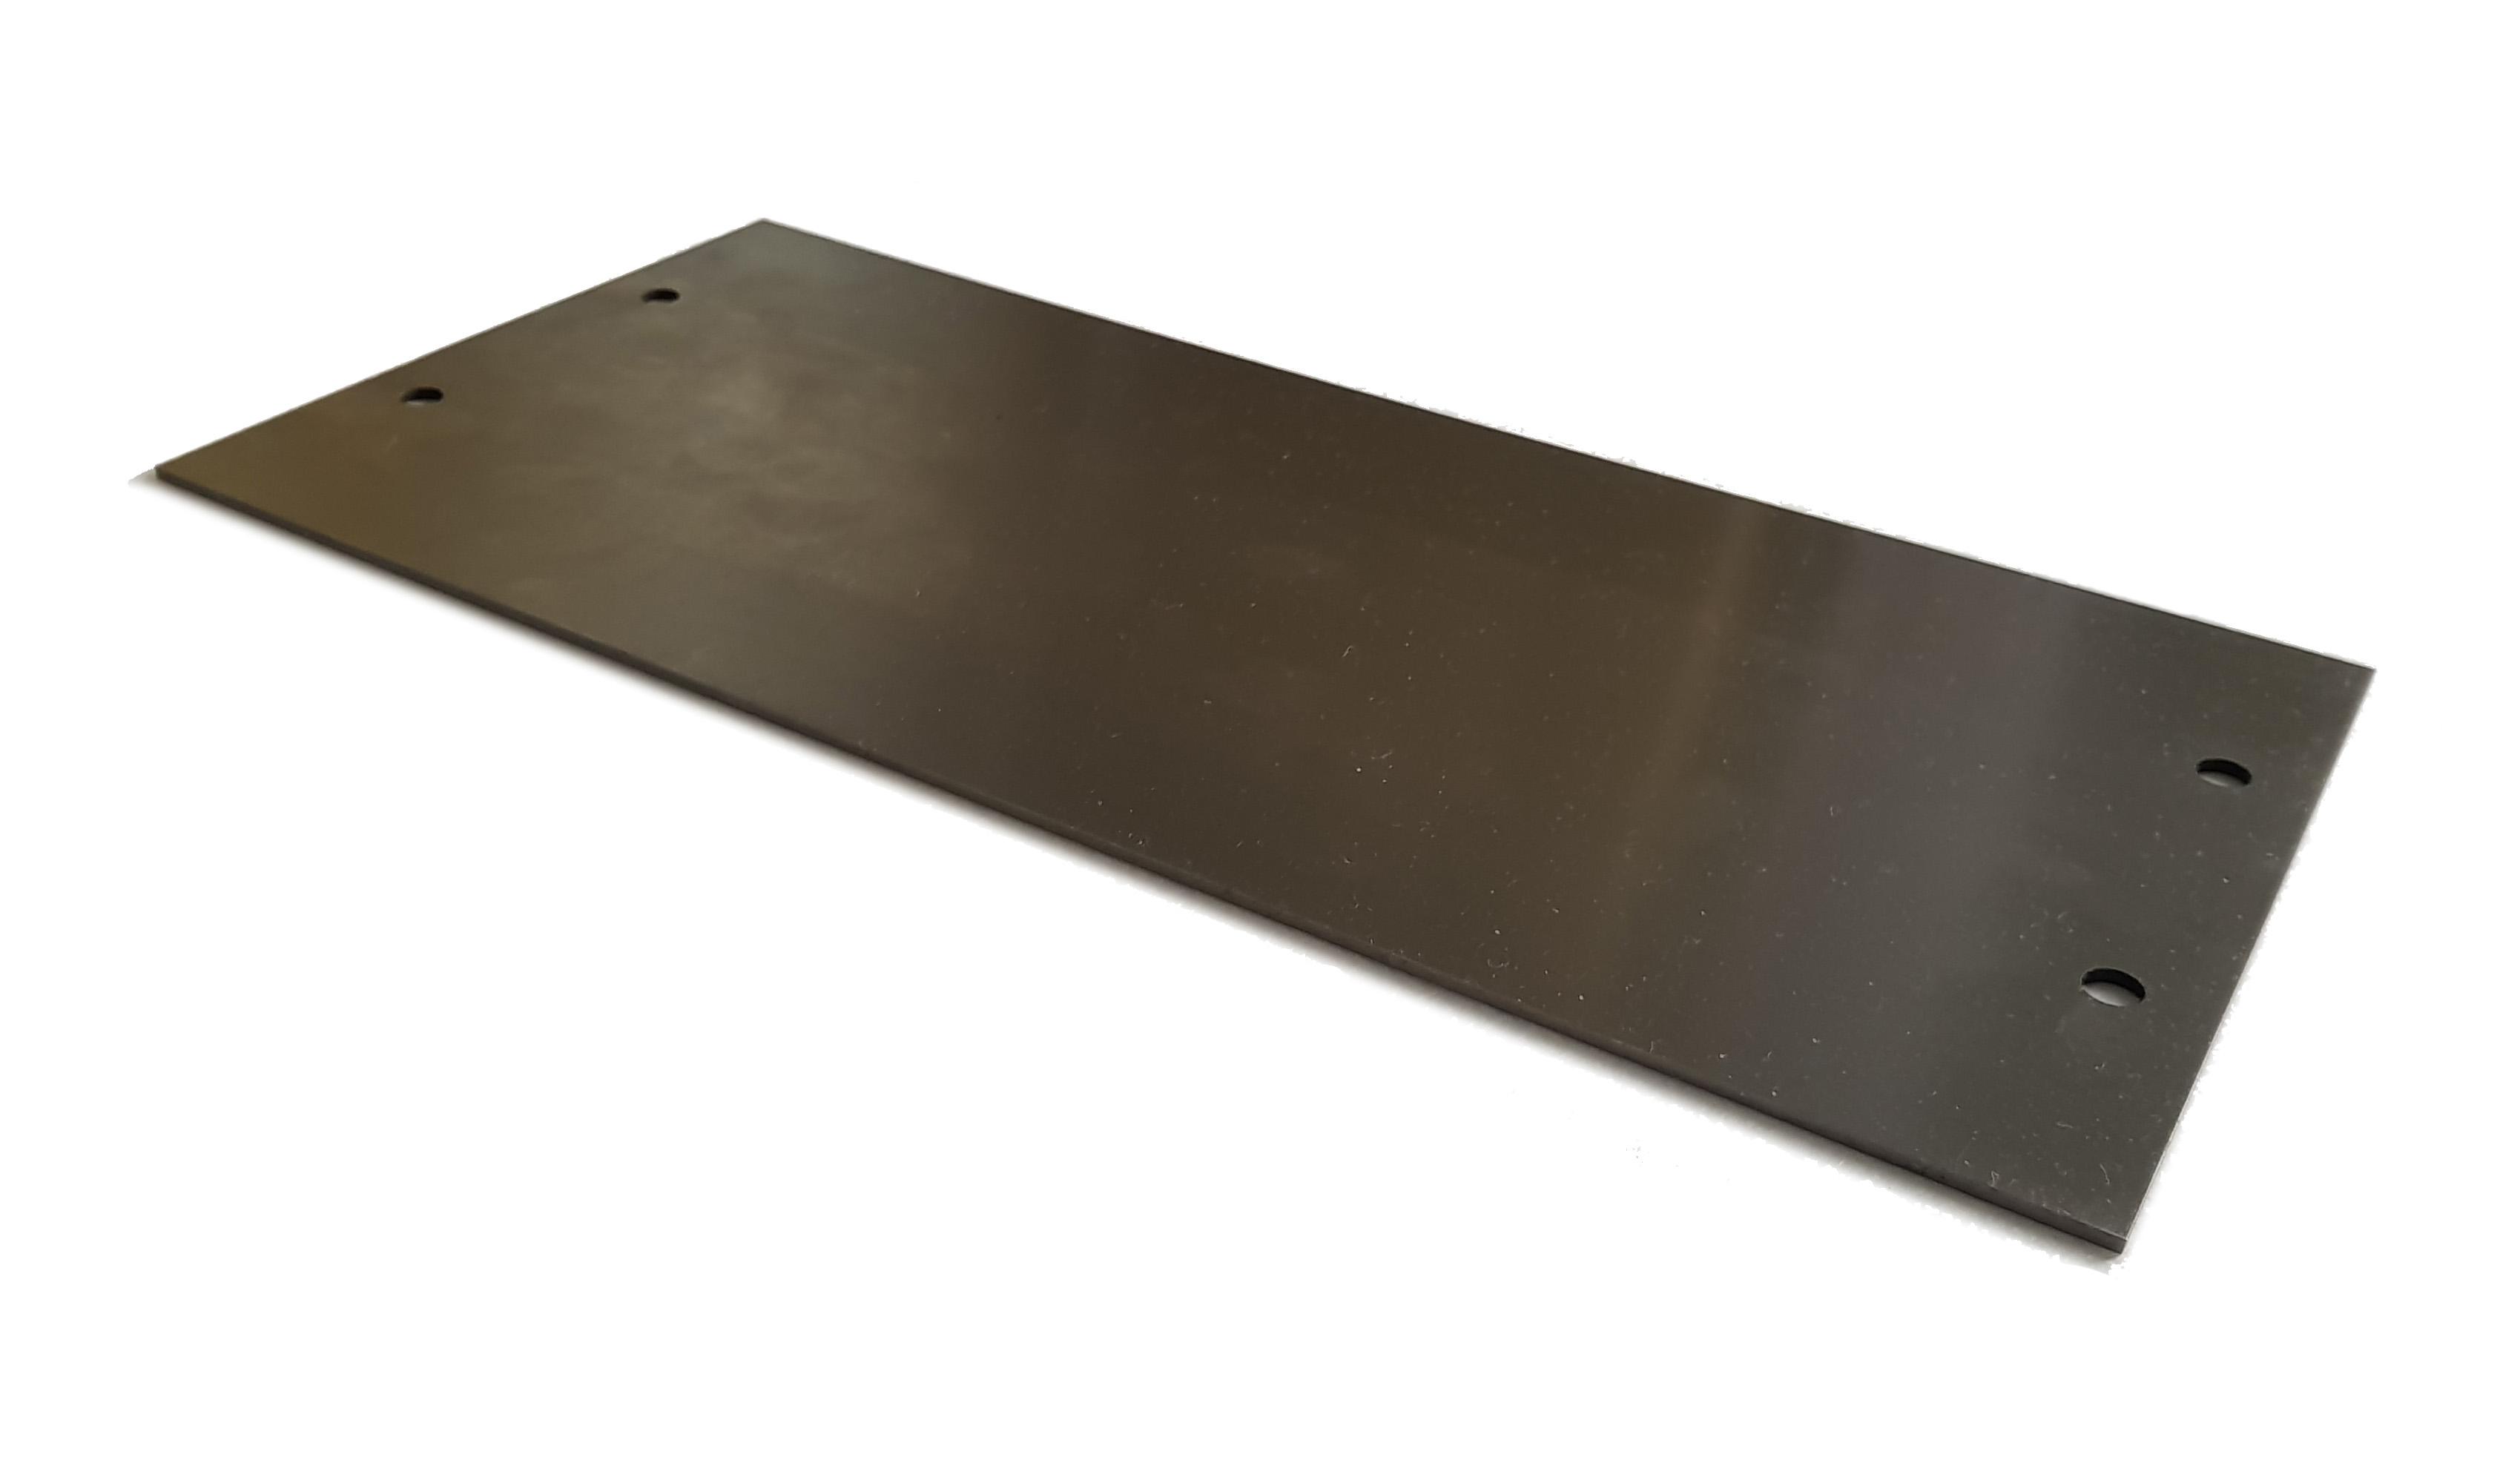 Dead Plate